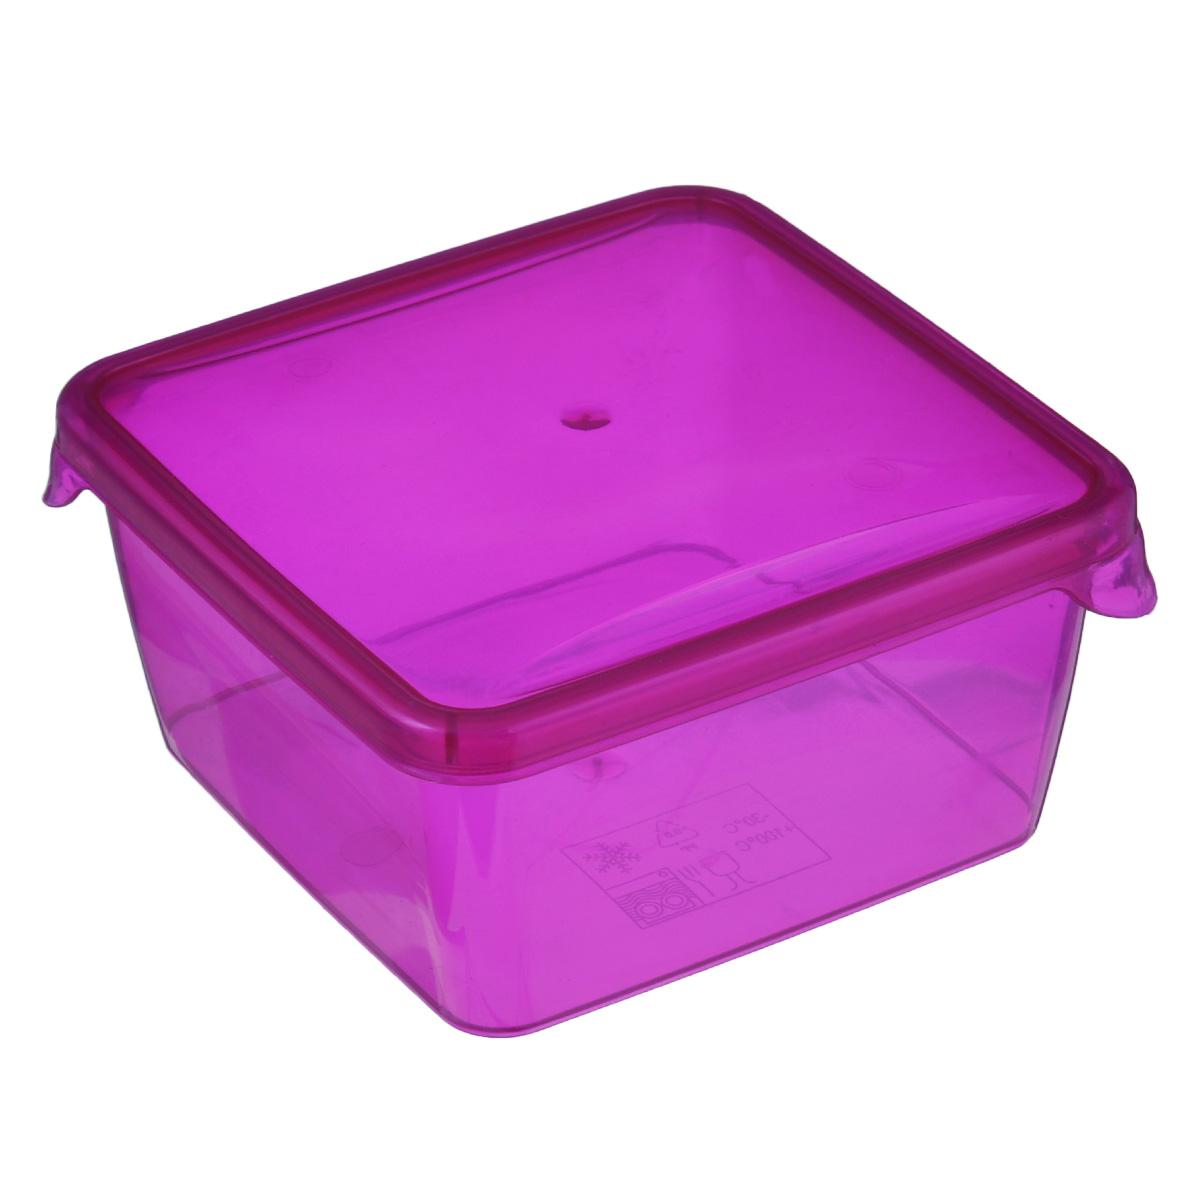 Контейнер P&C Браво, цвет: розовый, 450 млПЦ1030Контейнер P&C Браво выполнен из высококачественного пищевого прозрачного пластика и предназначен для хранения и транспортировки пищи.Крышка легко открывается и плотно закрывается с помощью легкого щелчка. Подходит для использования в микроволновой печи без крышки (до +100°С), для заморозки при минимальной температуре -30°С. Можно мыть в посудомоечной машине.